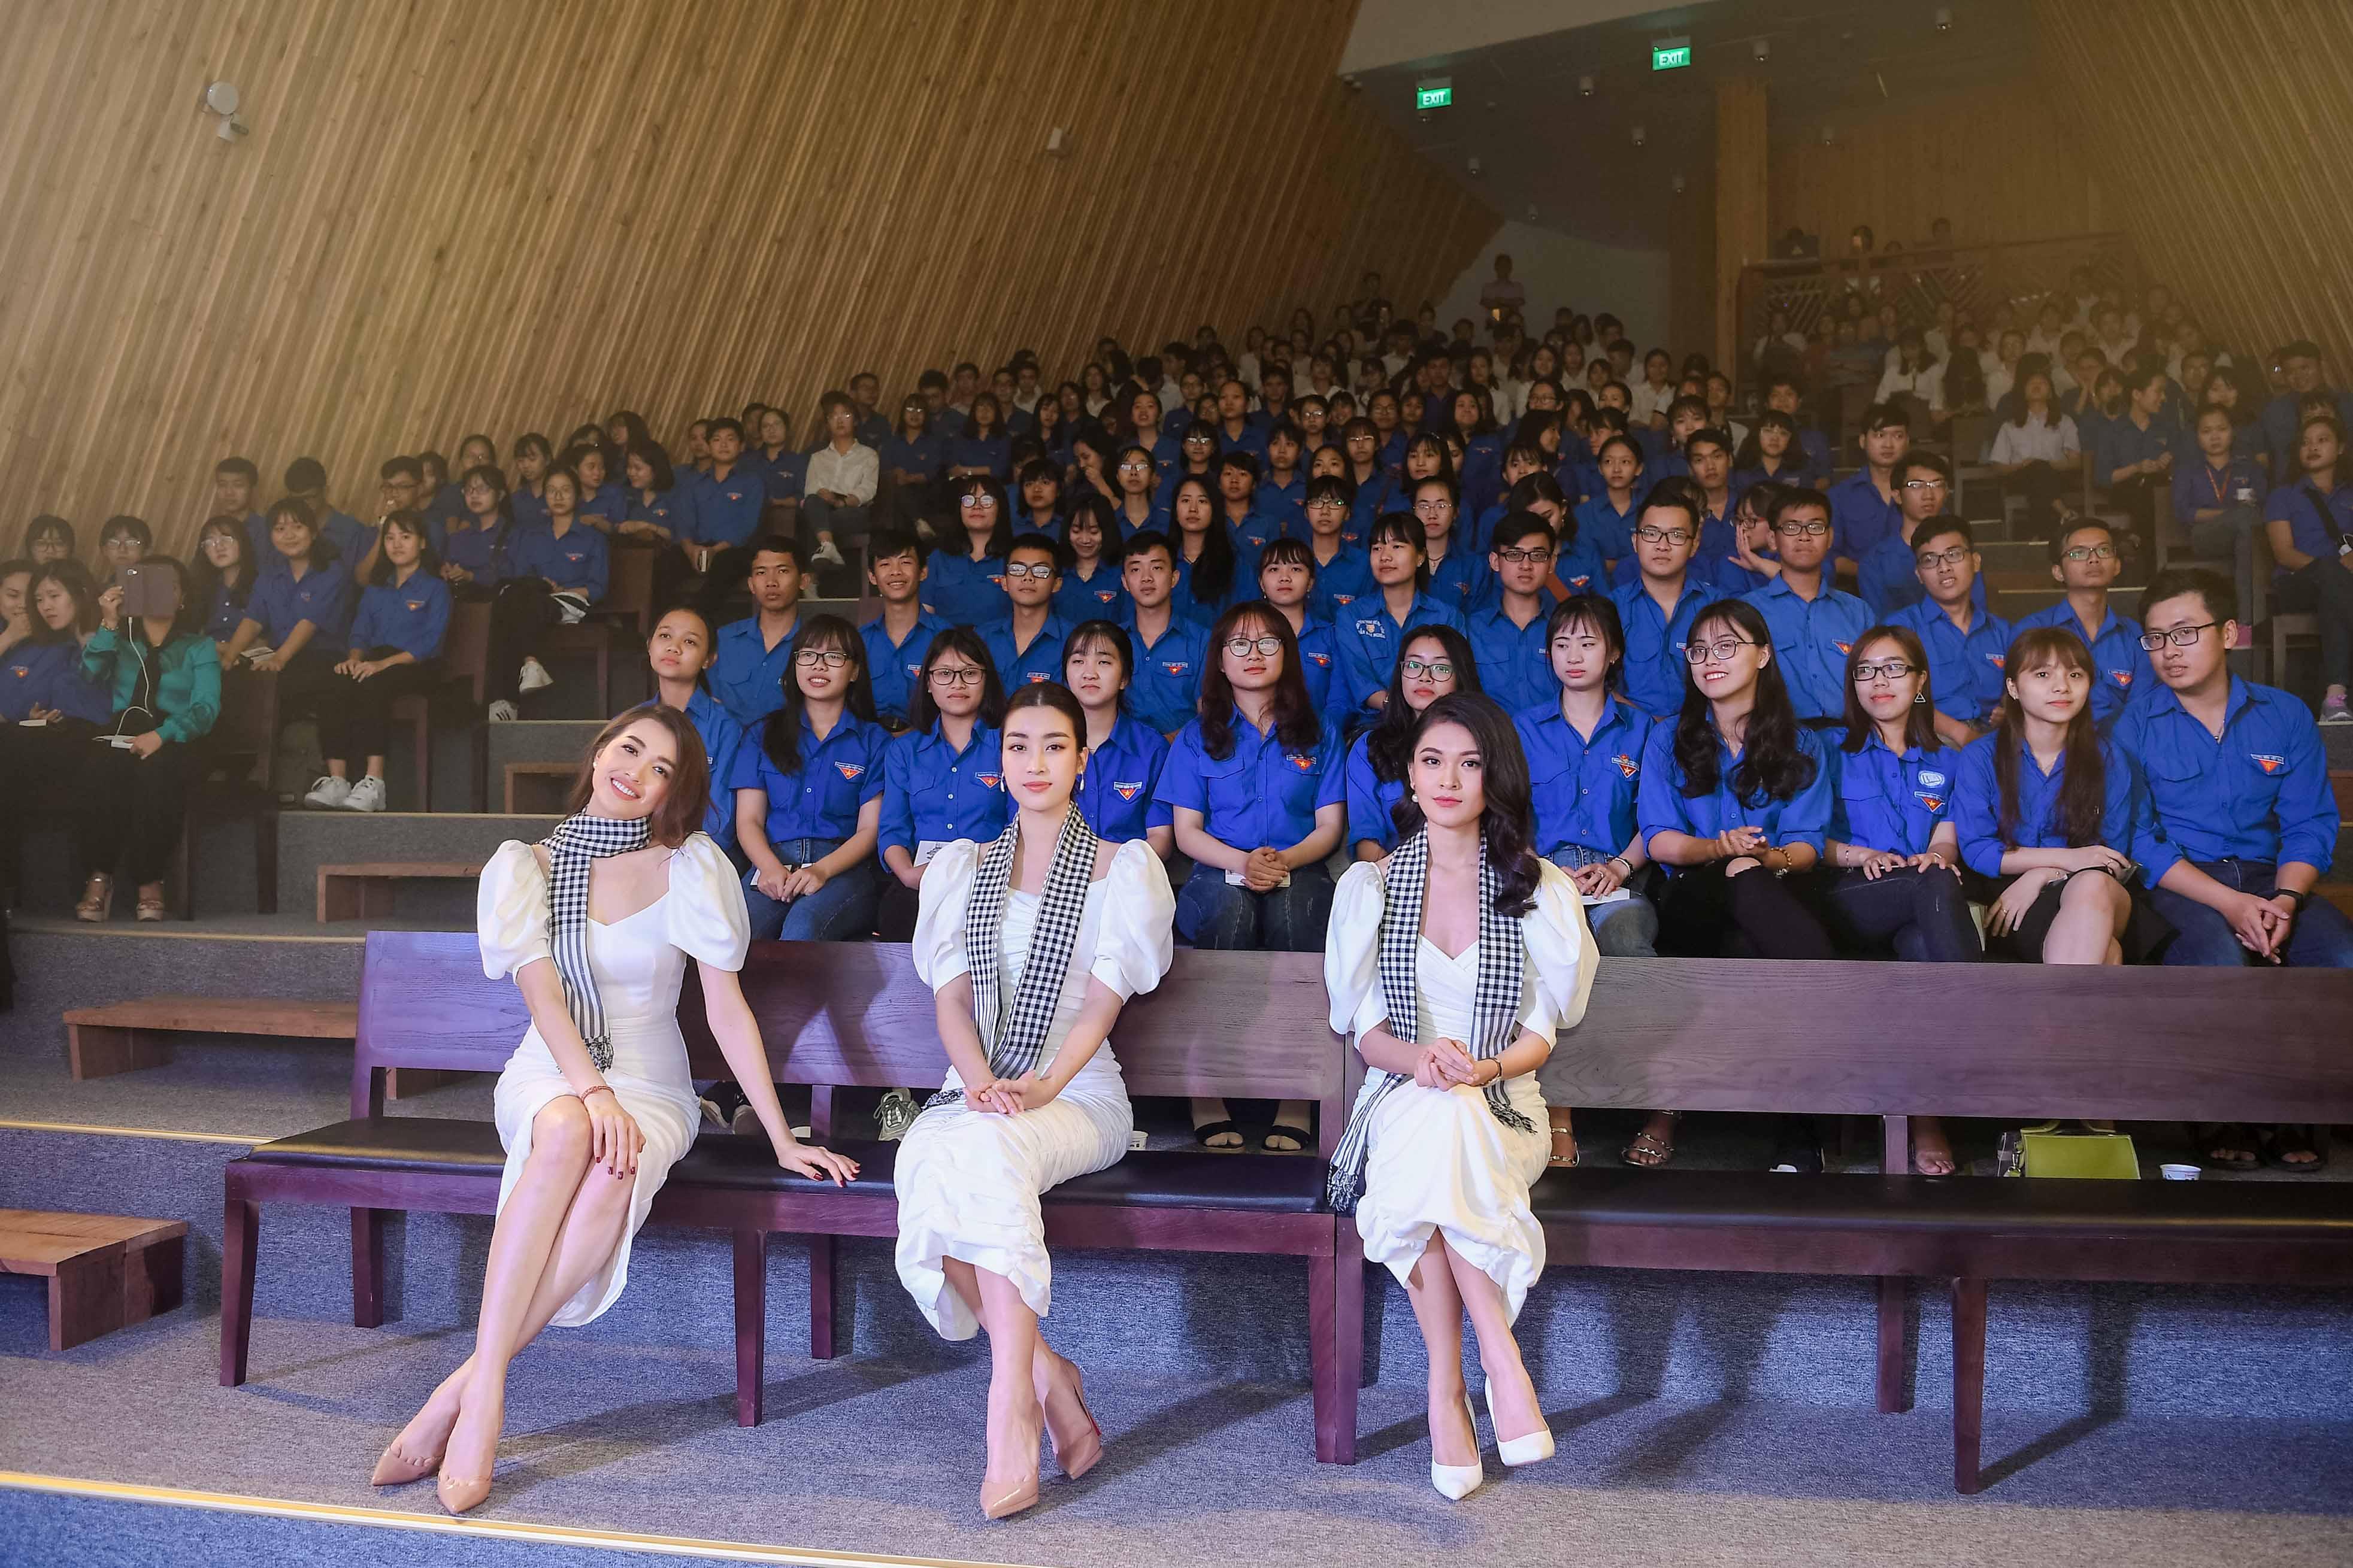 Hoa hậu Mỹ Linh đọ sắc cùng hai Á hậu bên siêu xe của ông Đặng Lê Nguyên Vũ 4